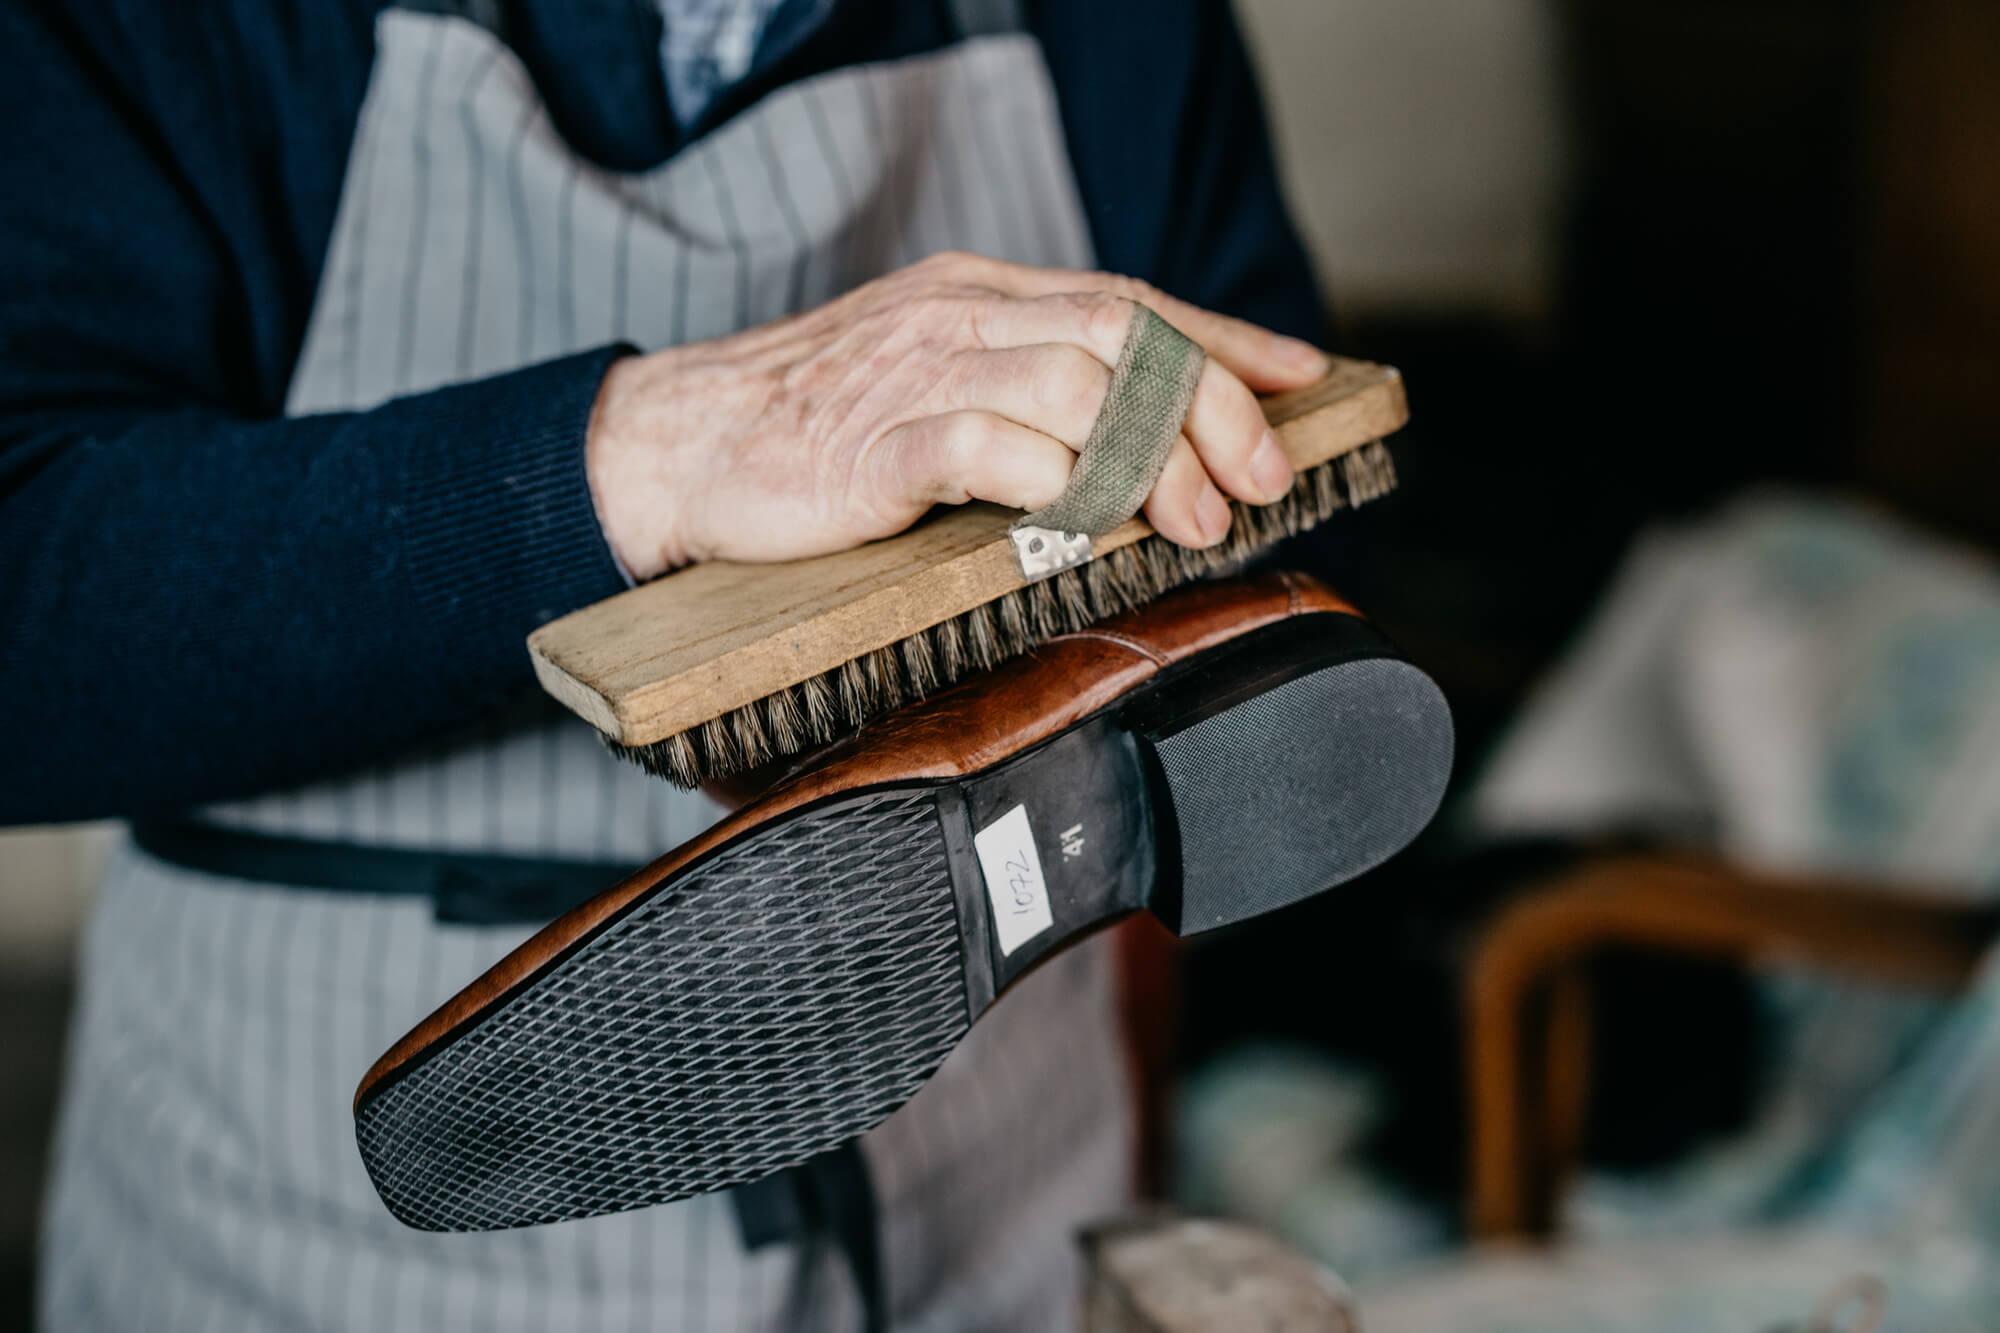 a98373d71 como limpar sapato, como limpar sapato de camurça, como limpar sapato de  couro,